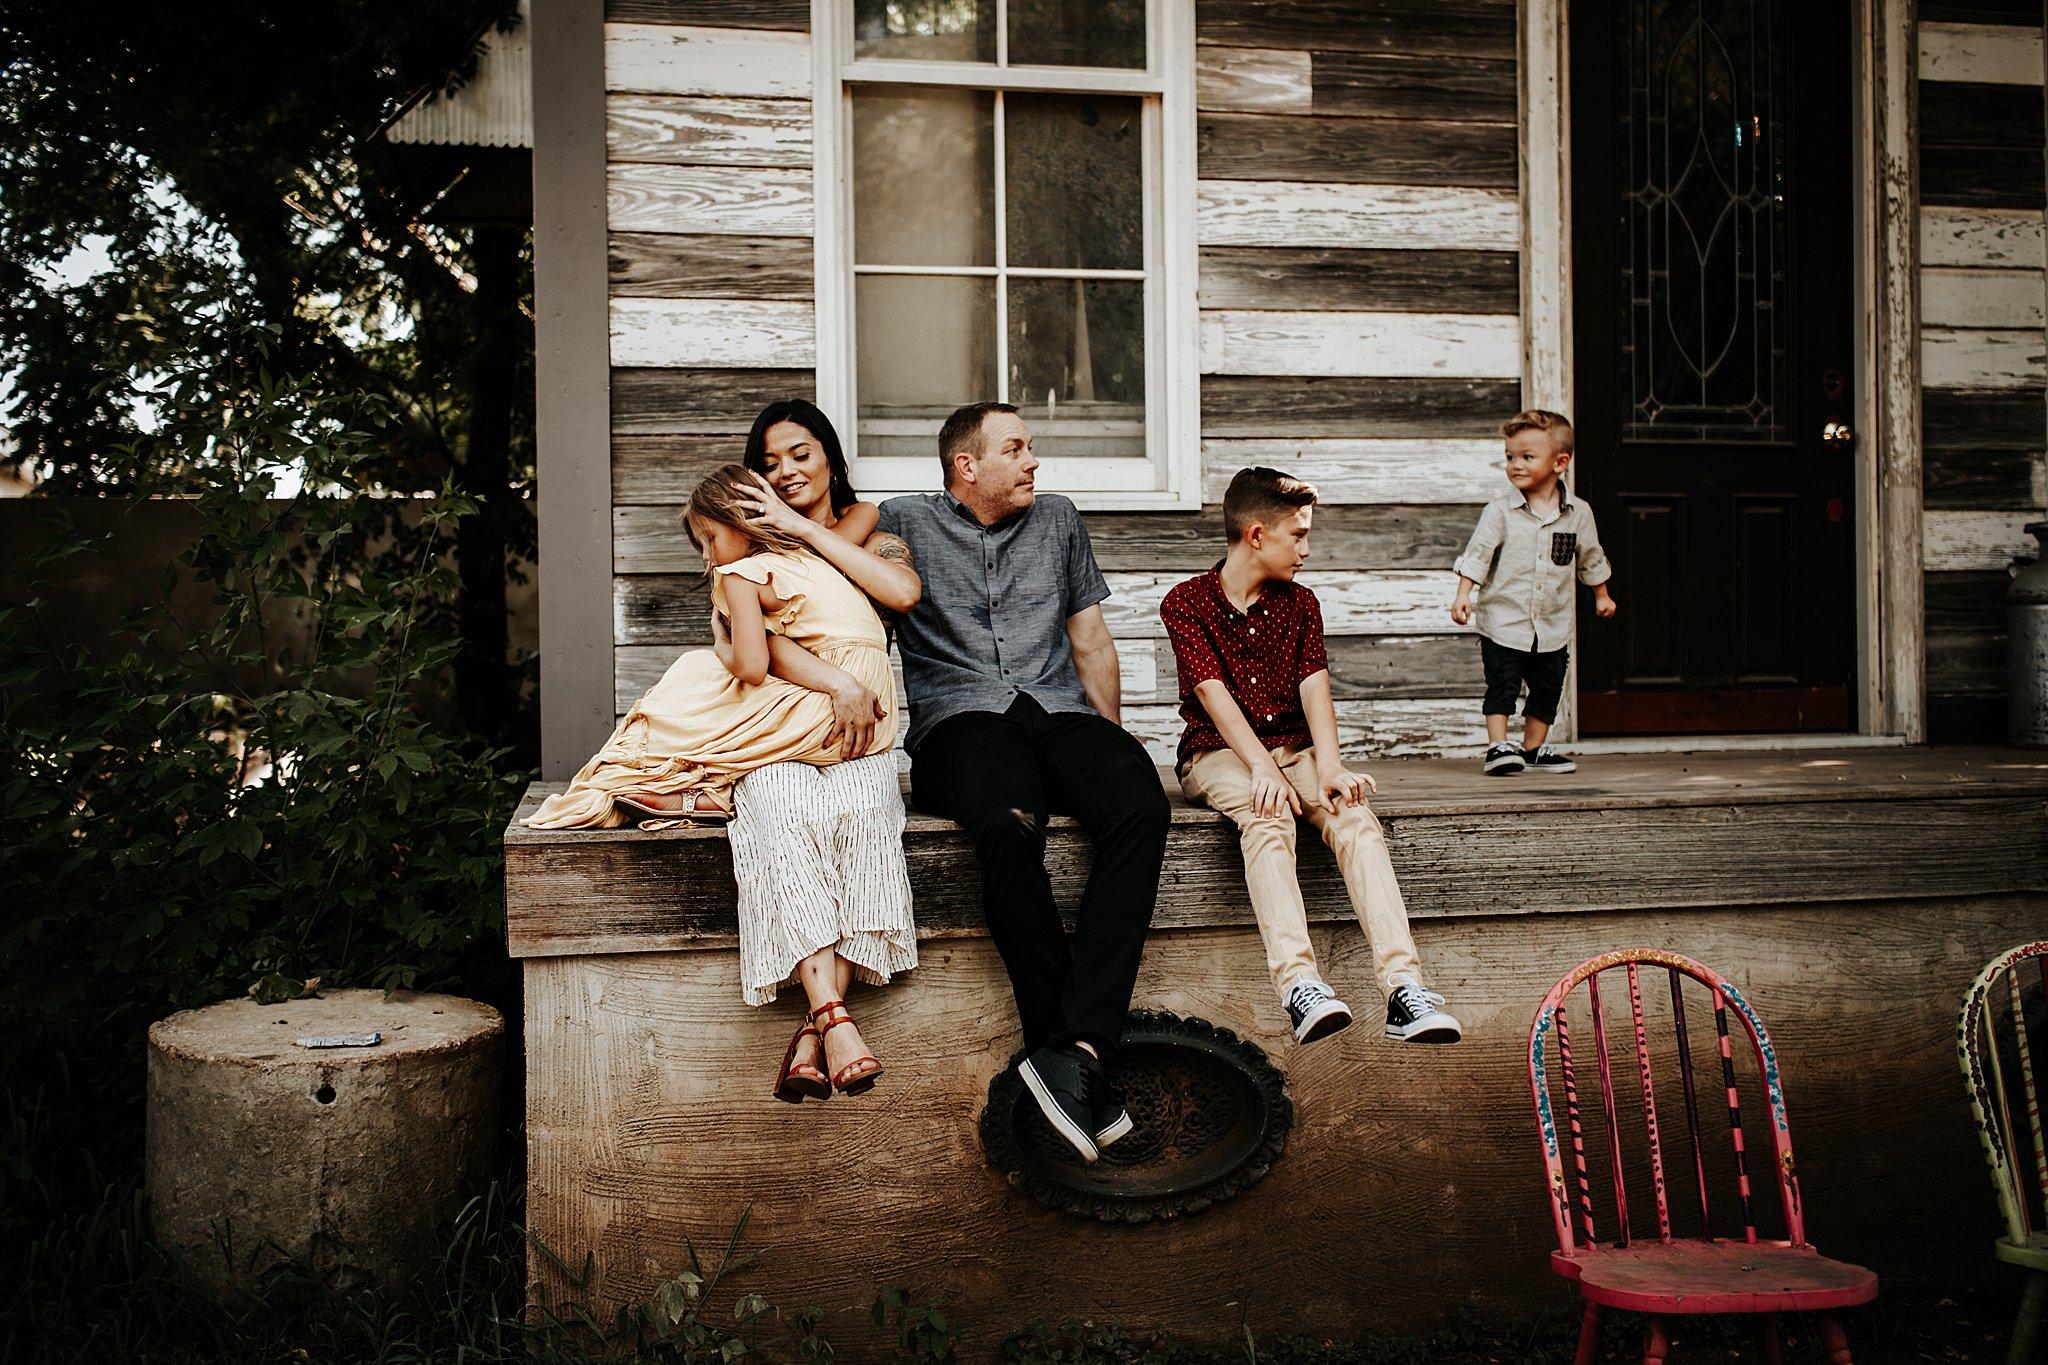 Ohara-San-Antonio-Family-Photographer-77_WEB.jpg